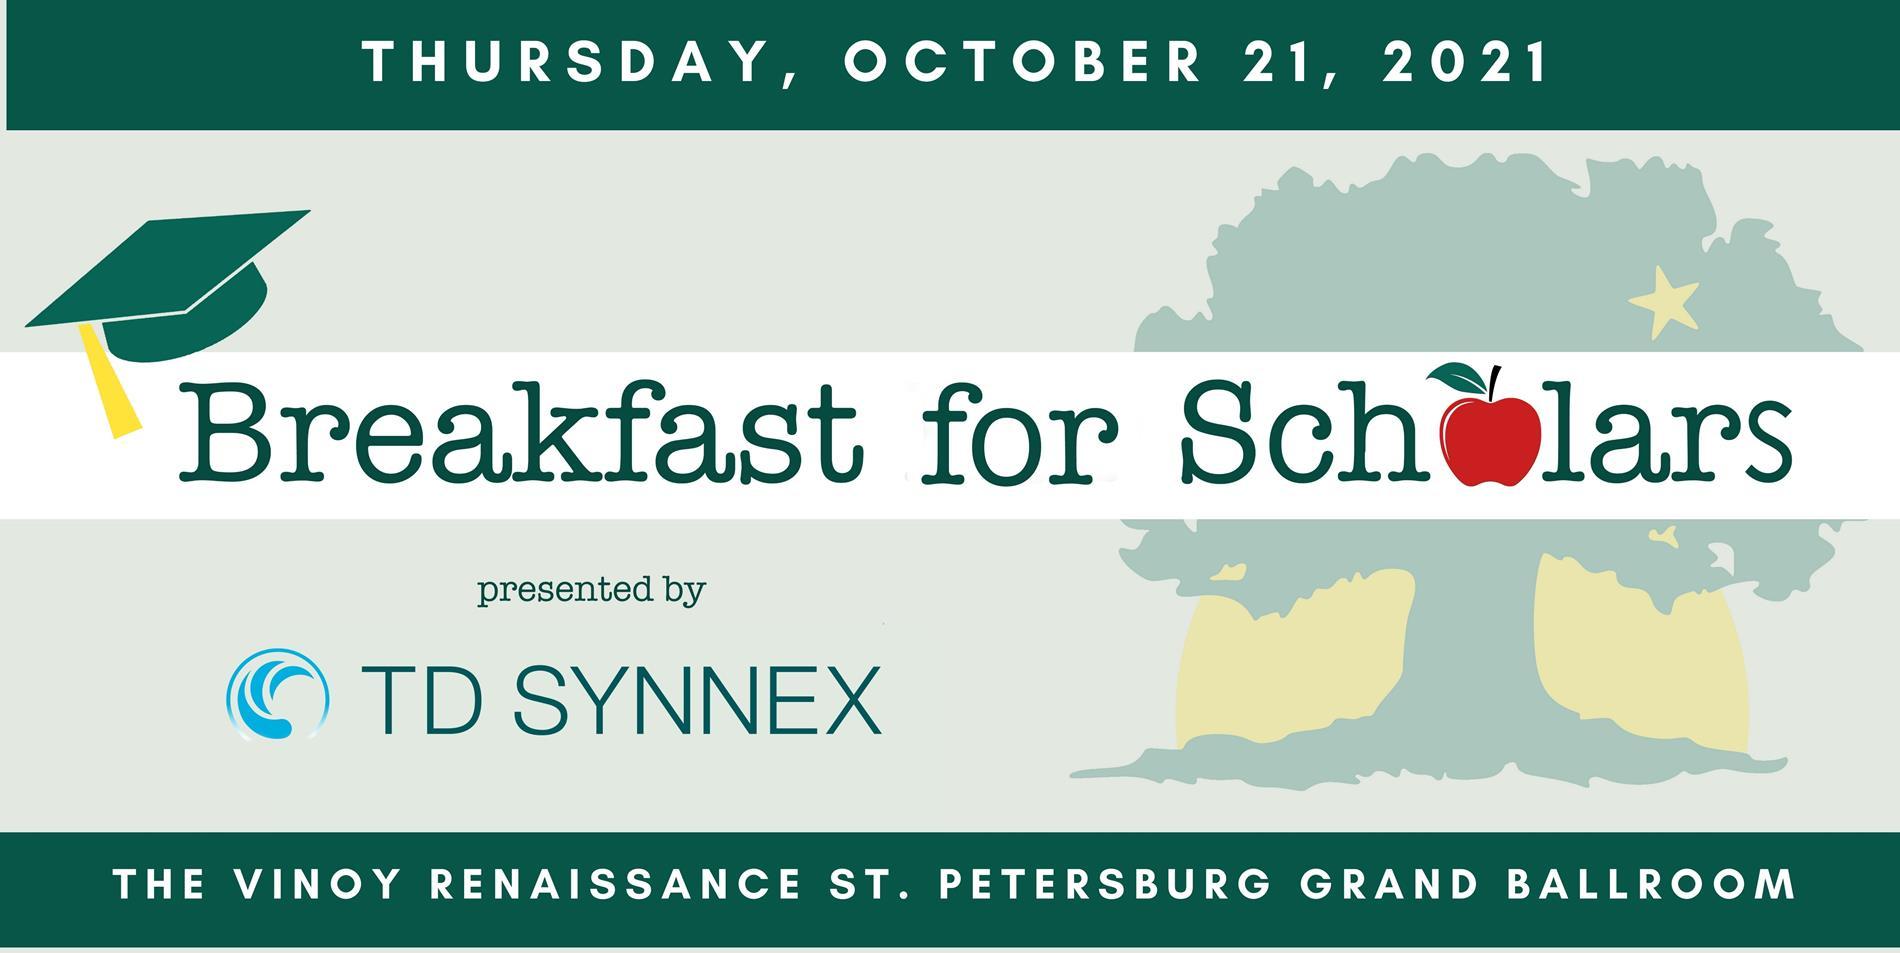 Event Logo for Breakfast for Scholars